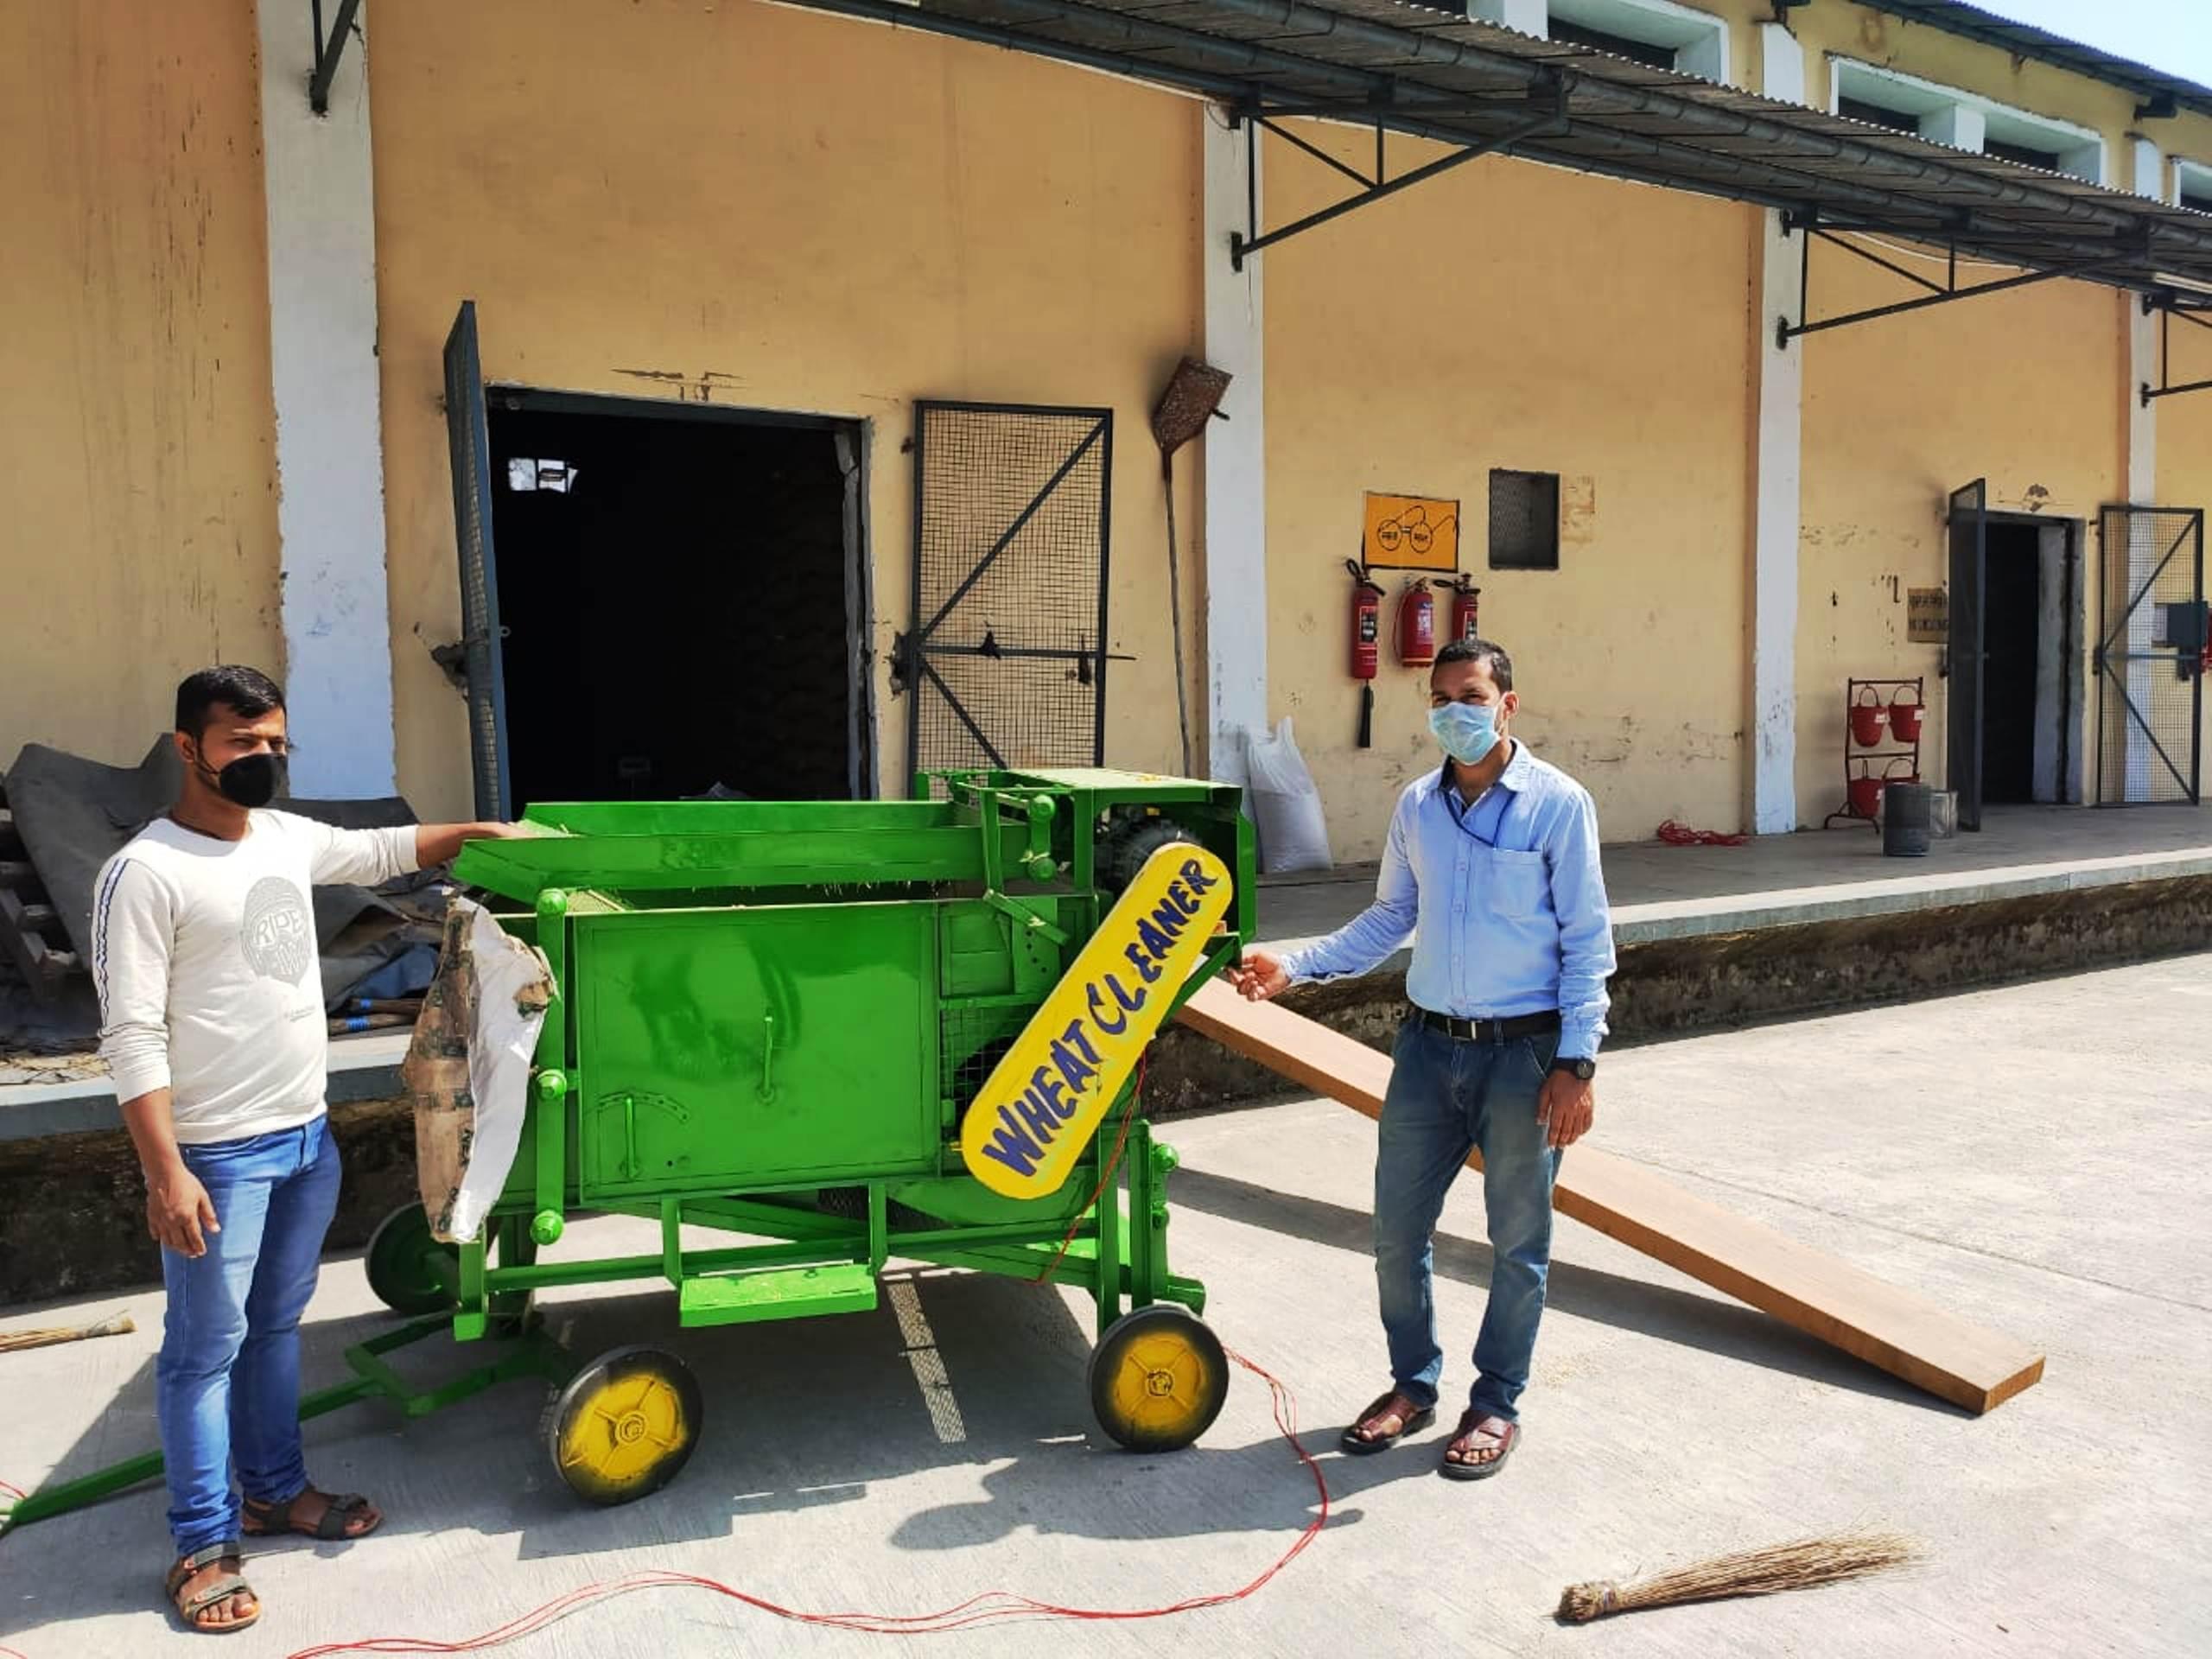 किसानों को सुविधा, एफसीआई जलग्रां में भी शुरू हुई गेहूं की खरीद